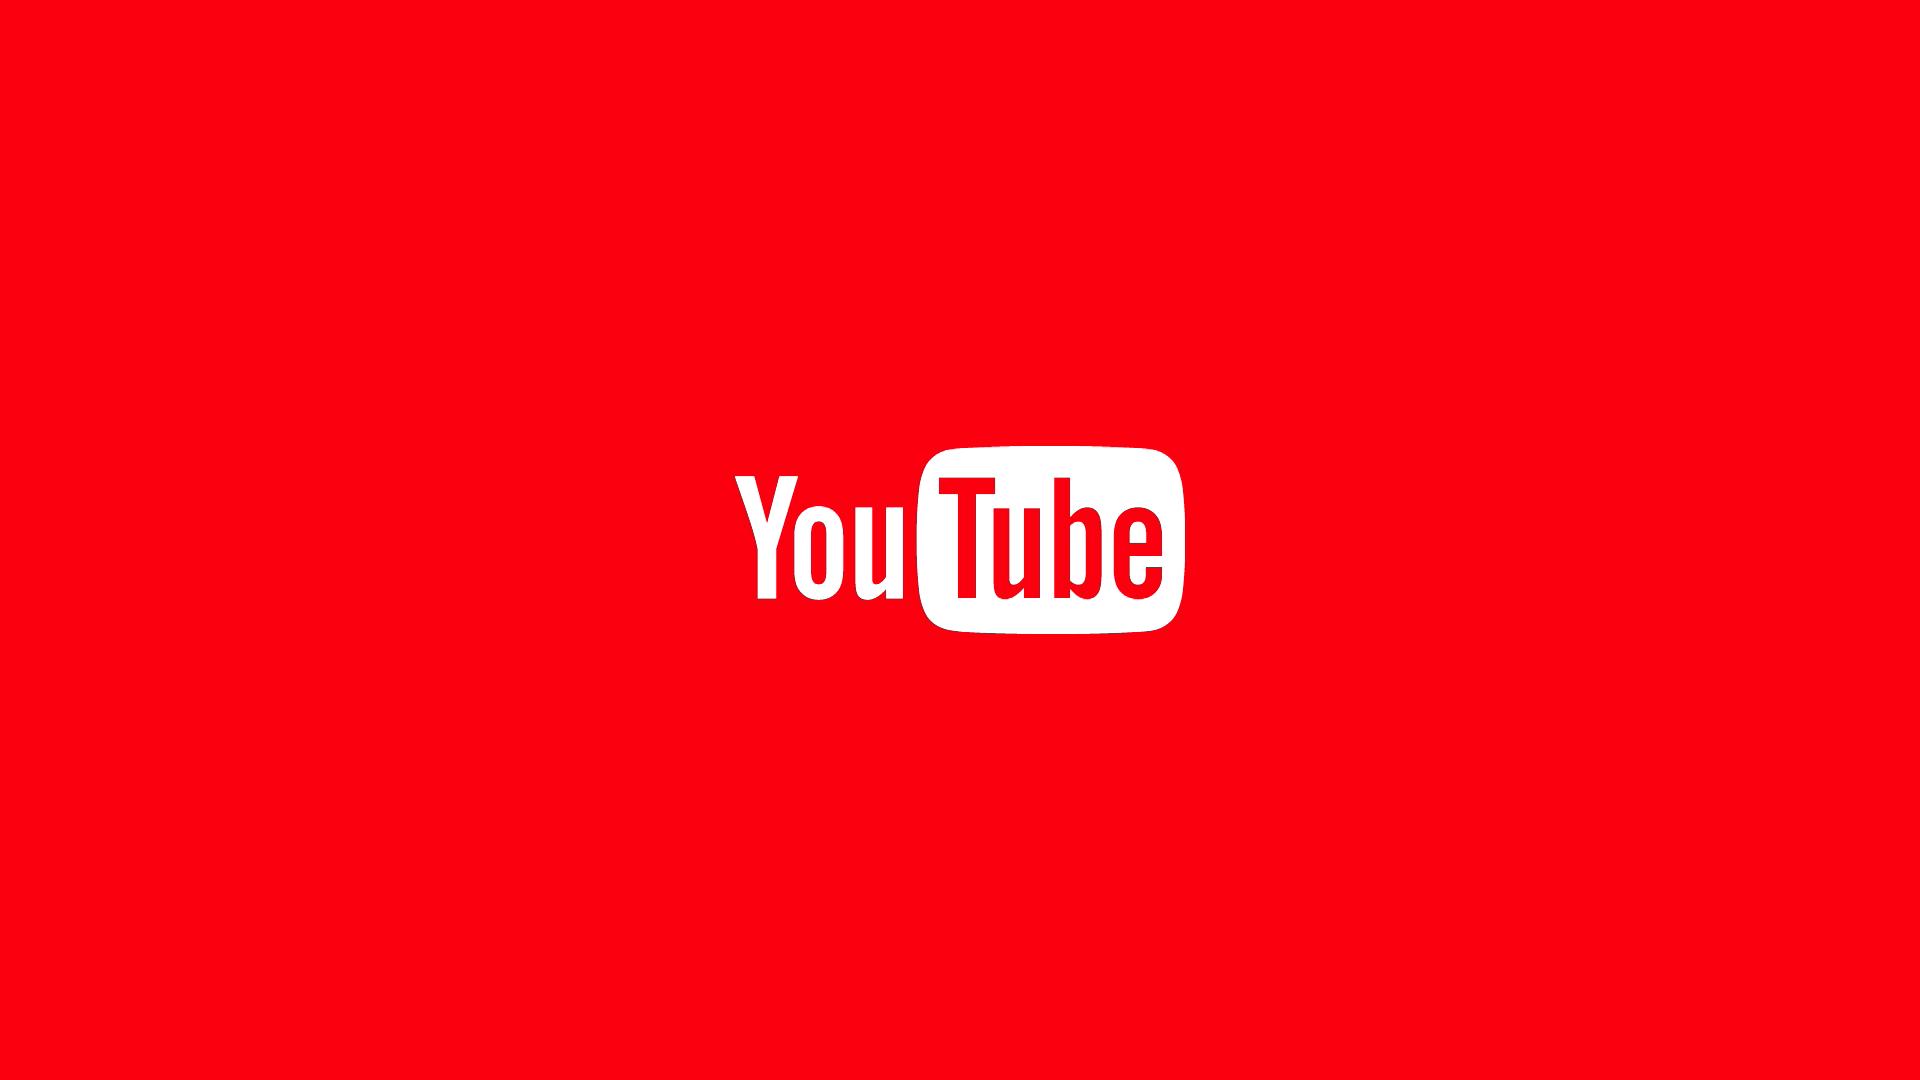 YouTube Logo HD Wallpaper 66870 1920x1080px